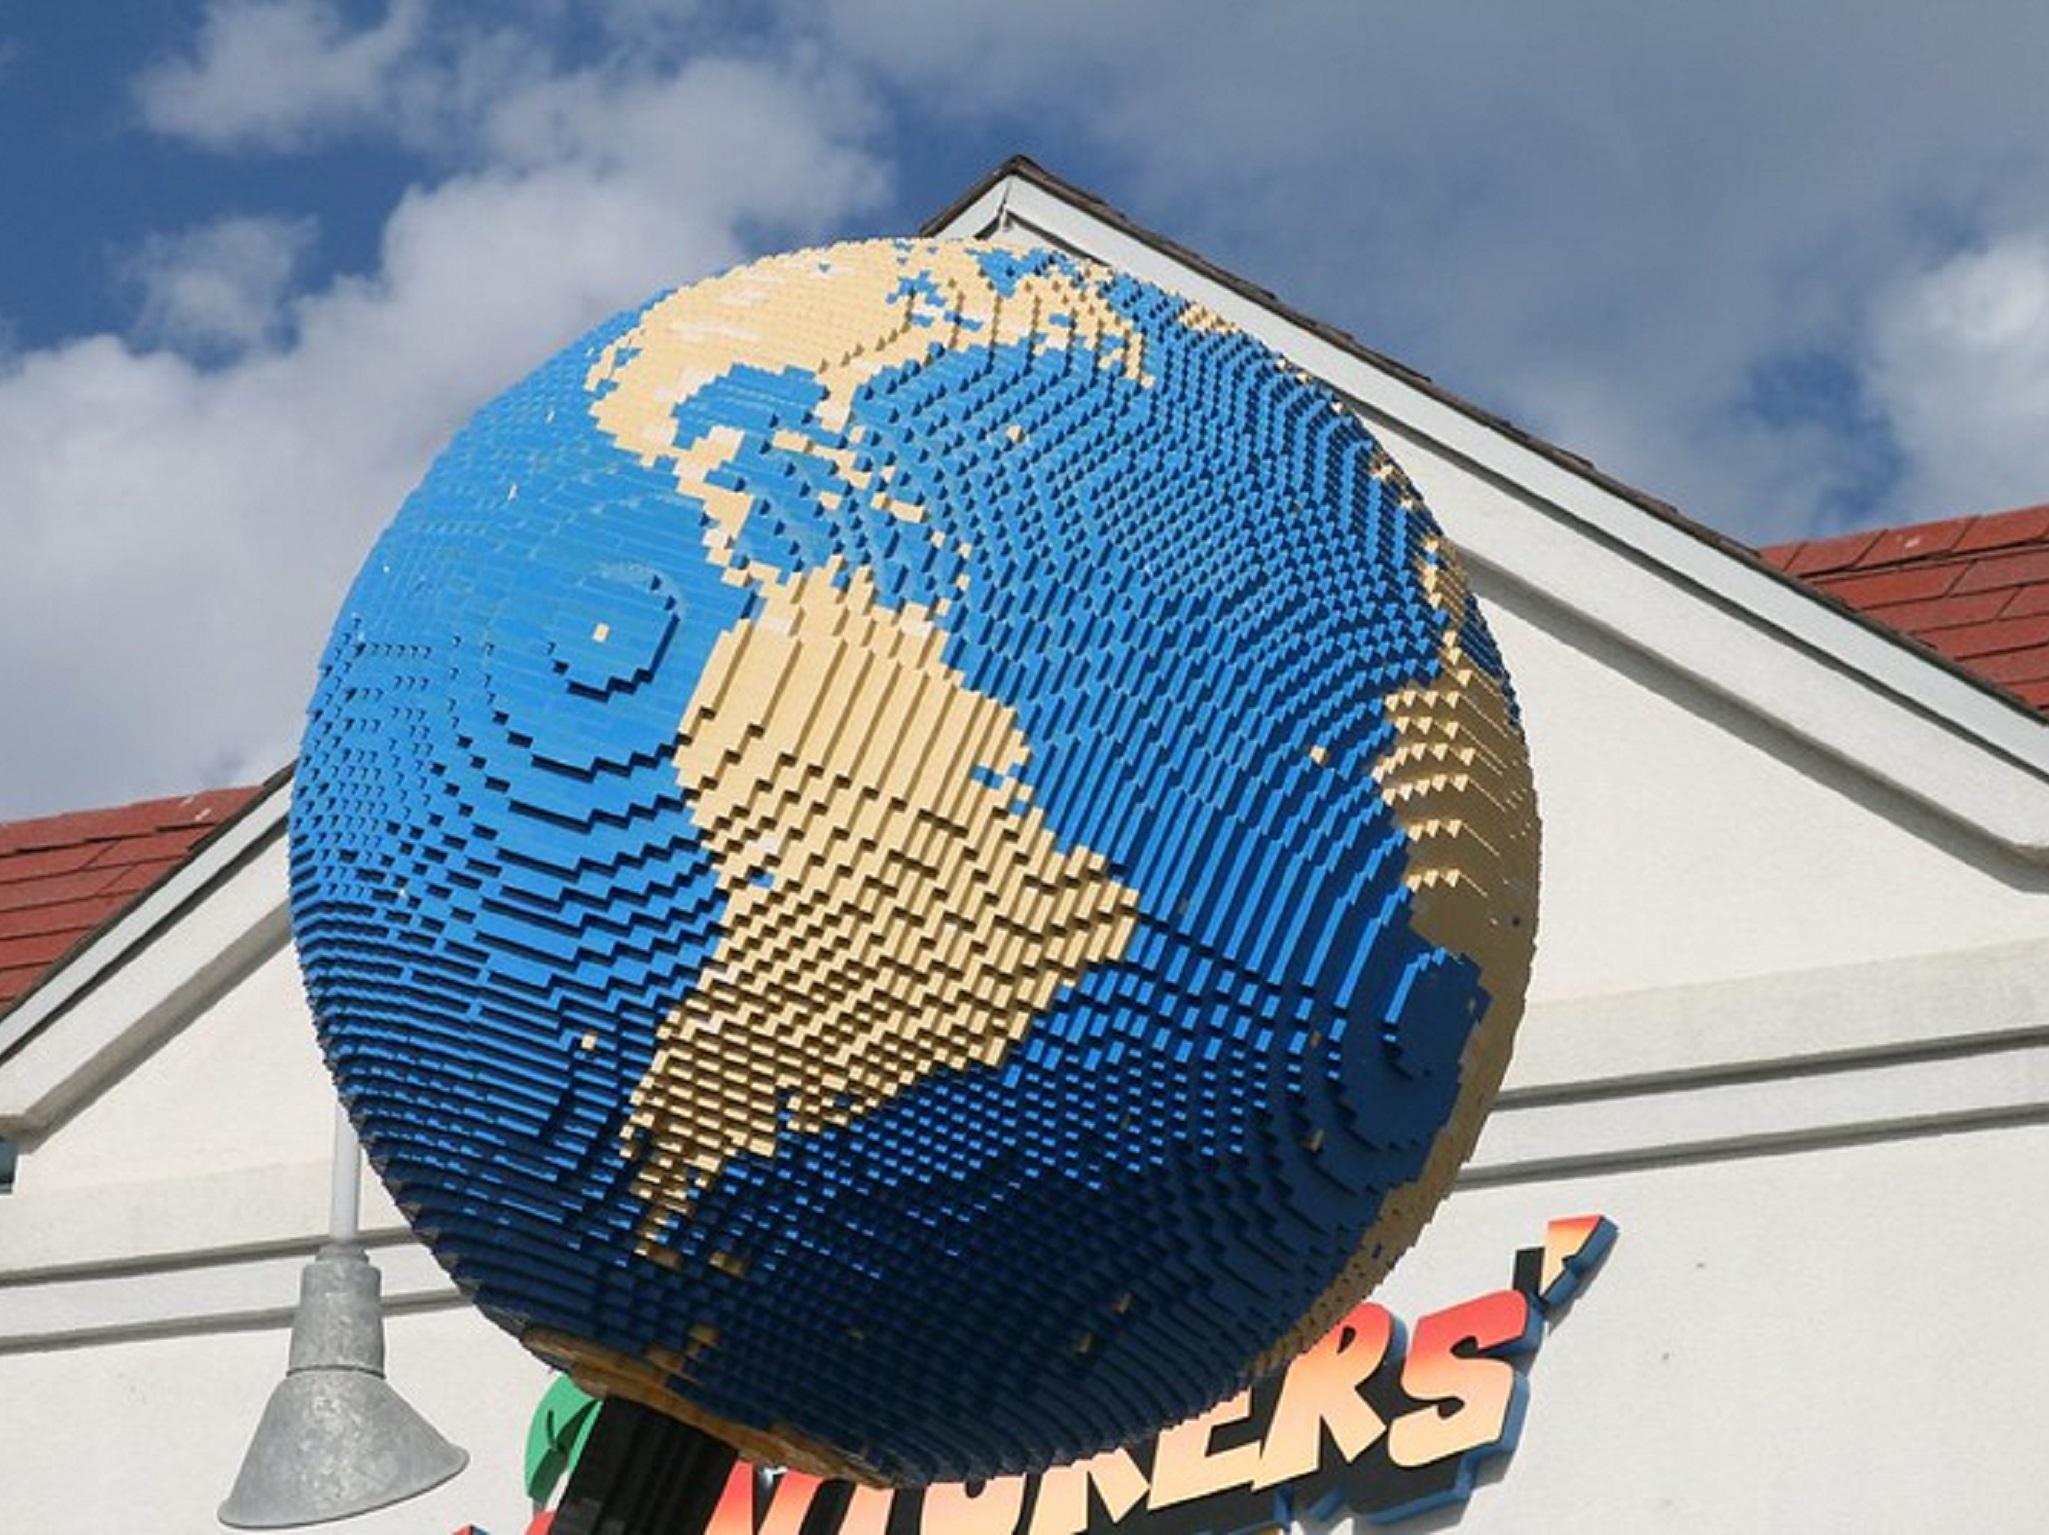 A lego globe